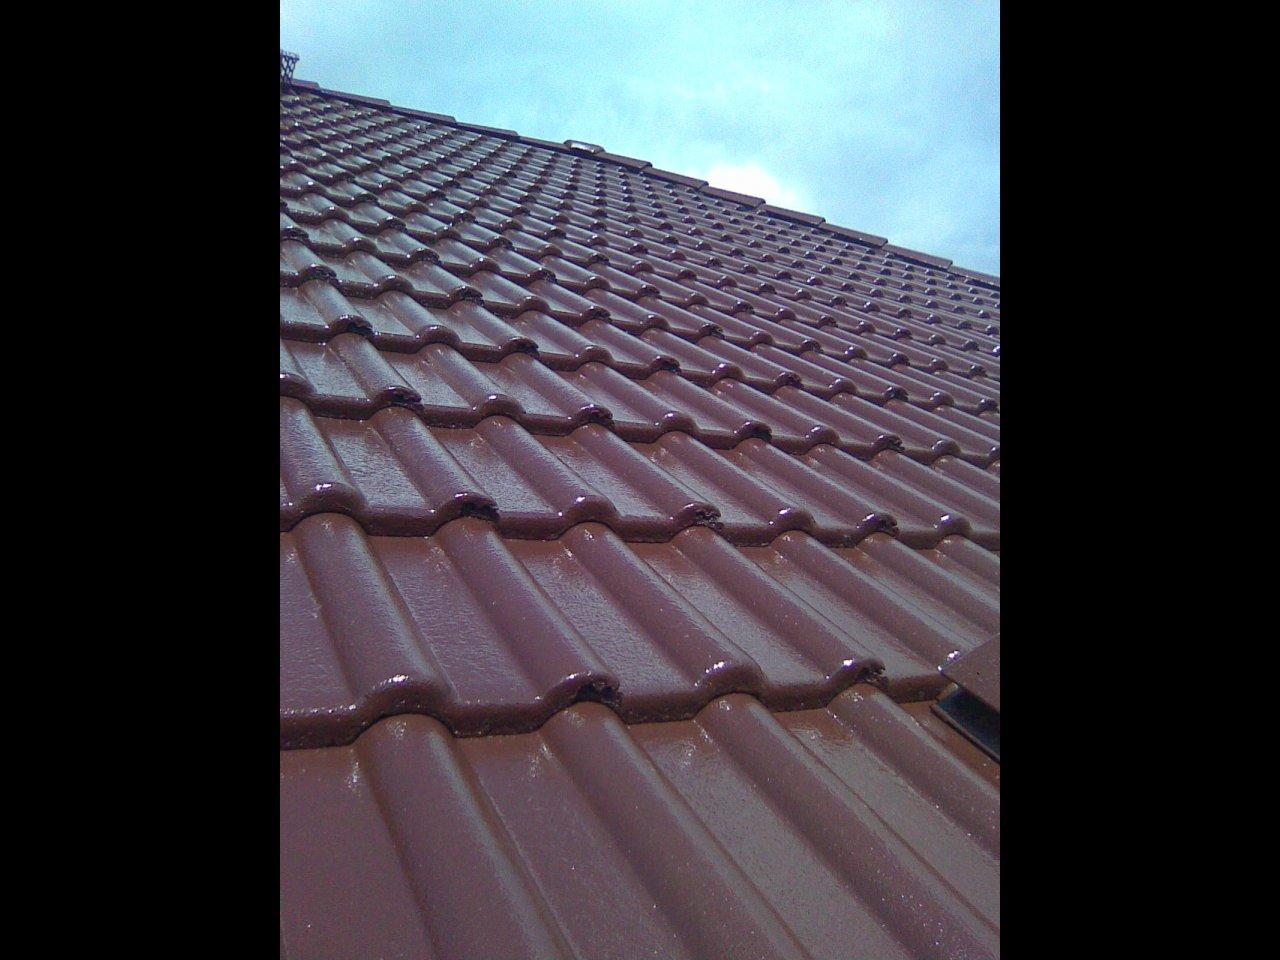 Berühmt Nanotech-Beschichtung - Nano Dachbeschichtung versiegelt zuverlässig ZU55